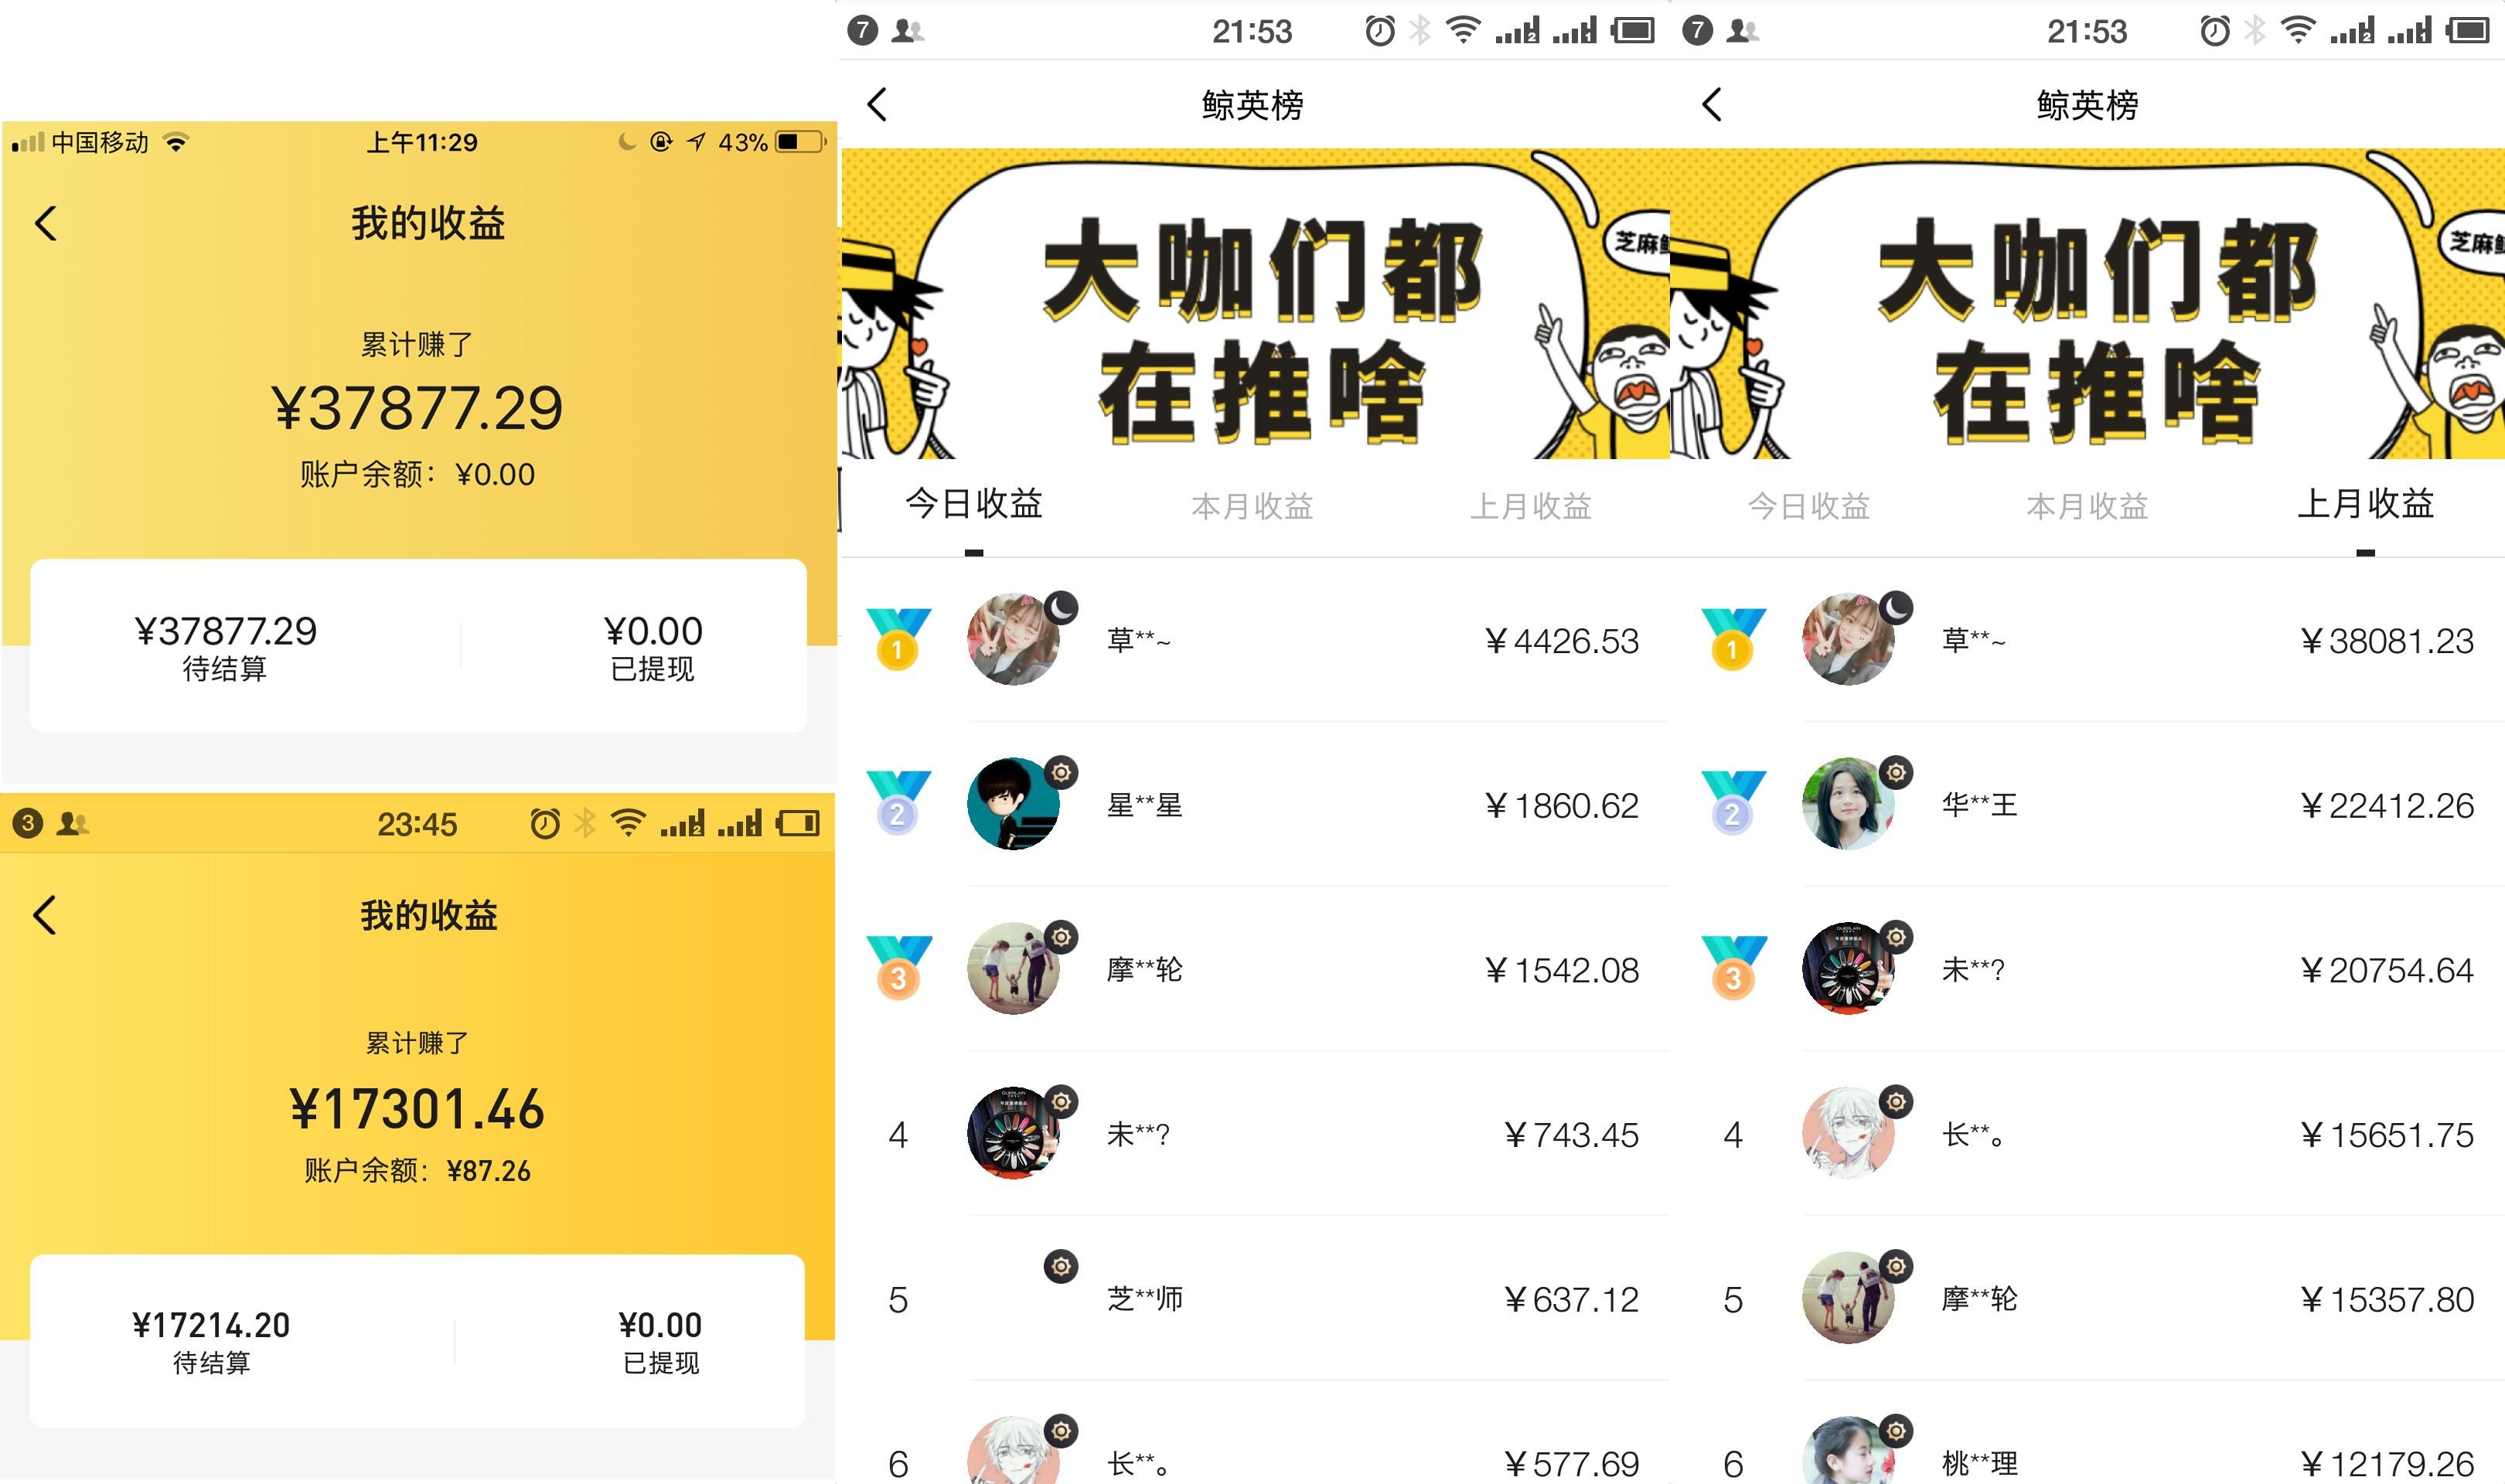 Screenshot_2019-07-01-21-53-22-26411_芝麻鲸选.jpg